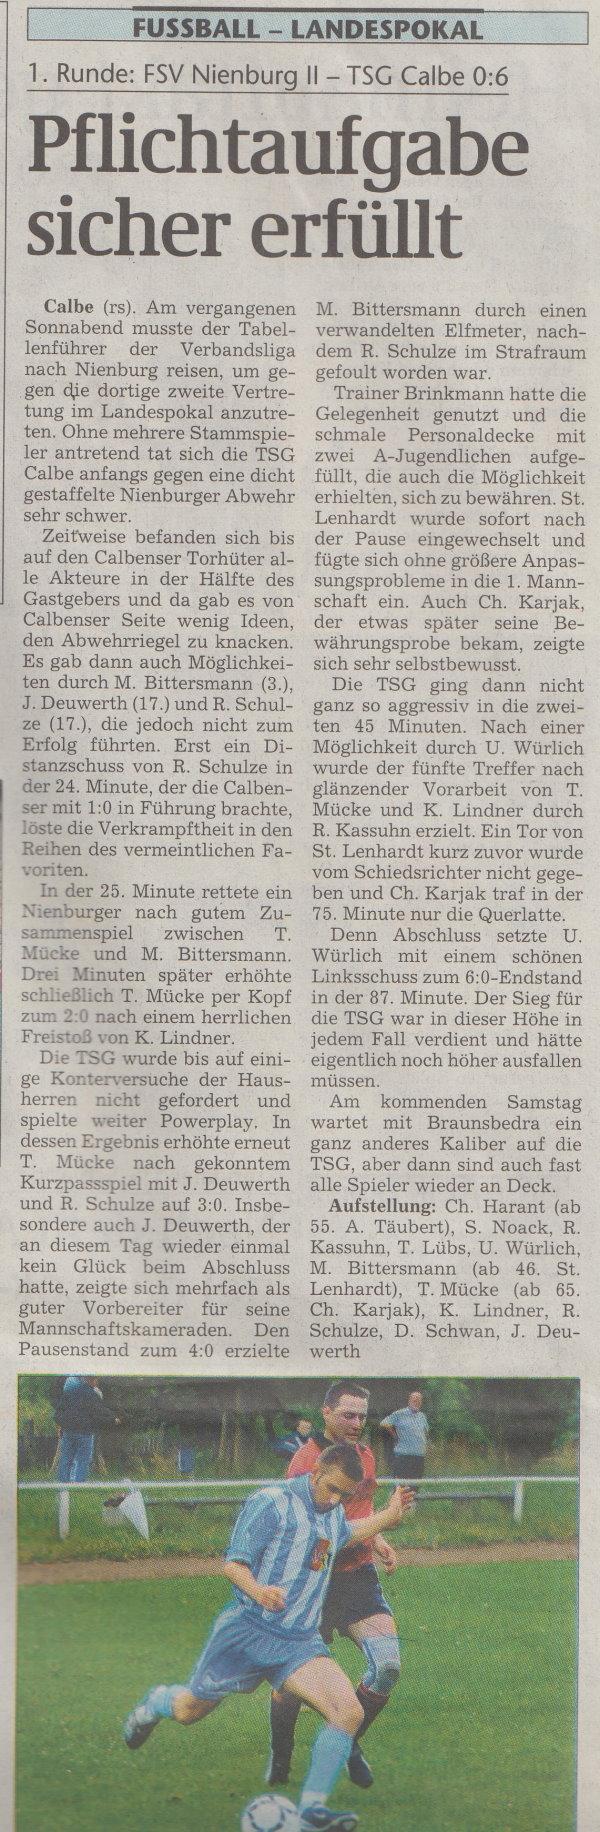 Volksstimme-Artikel zum Pokalspiel vom 12. August 2002.